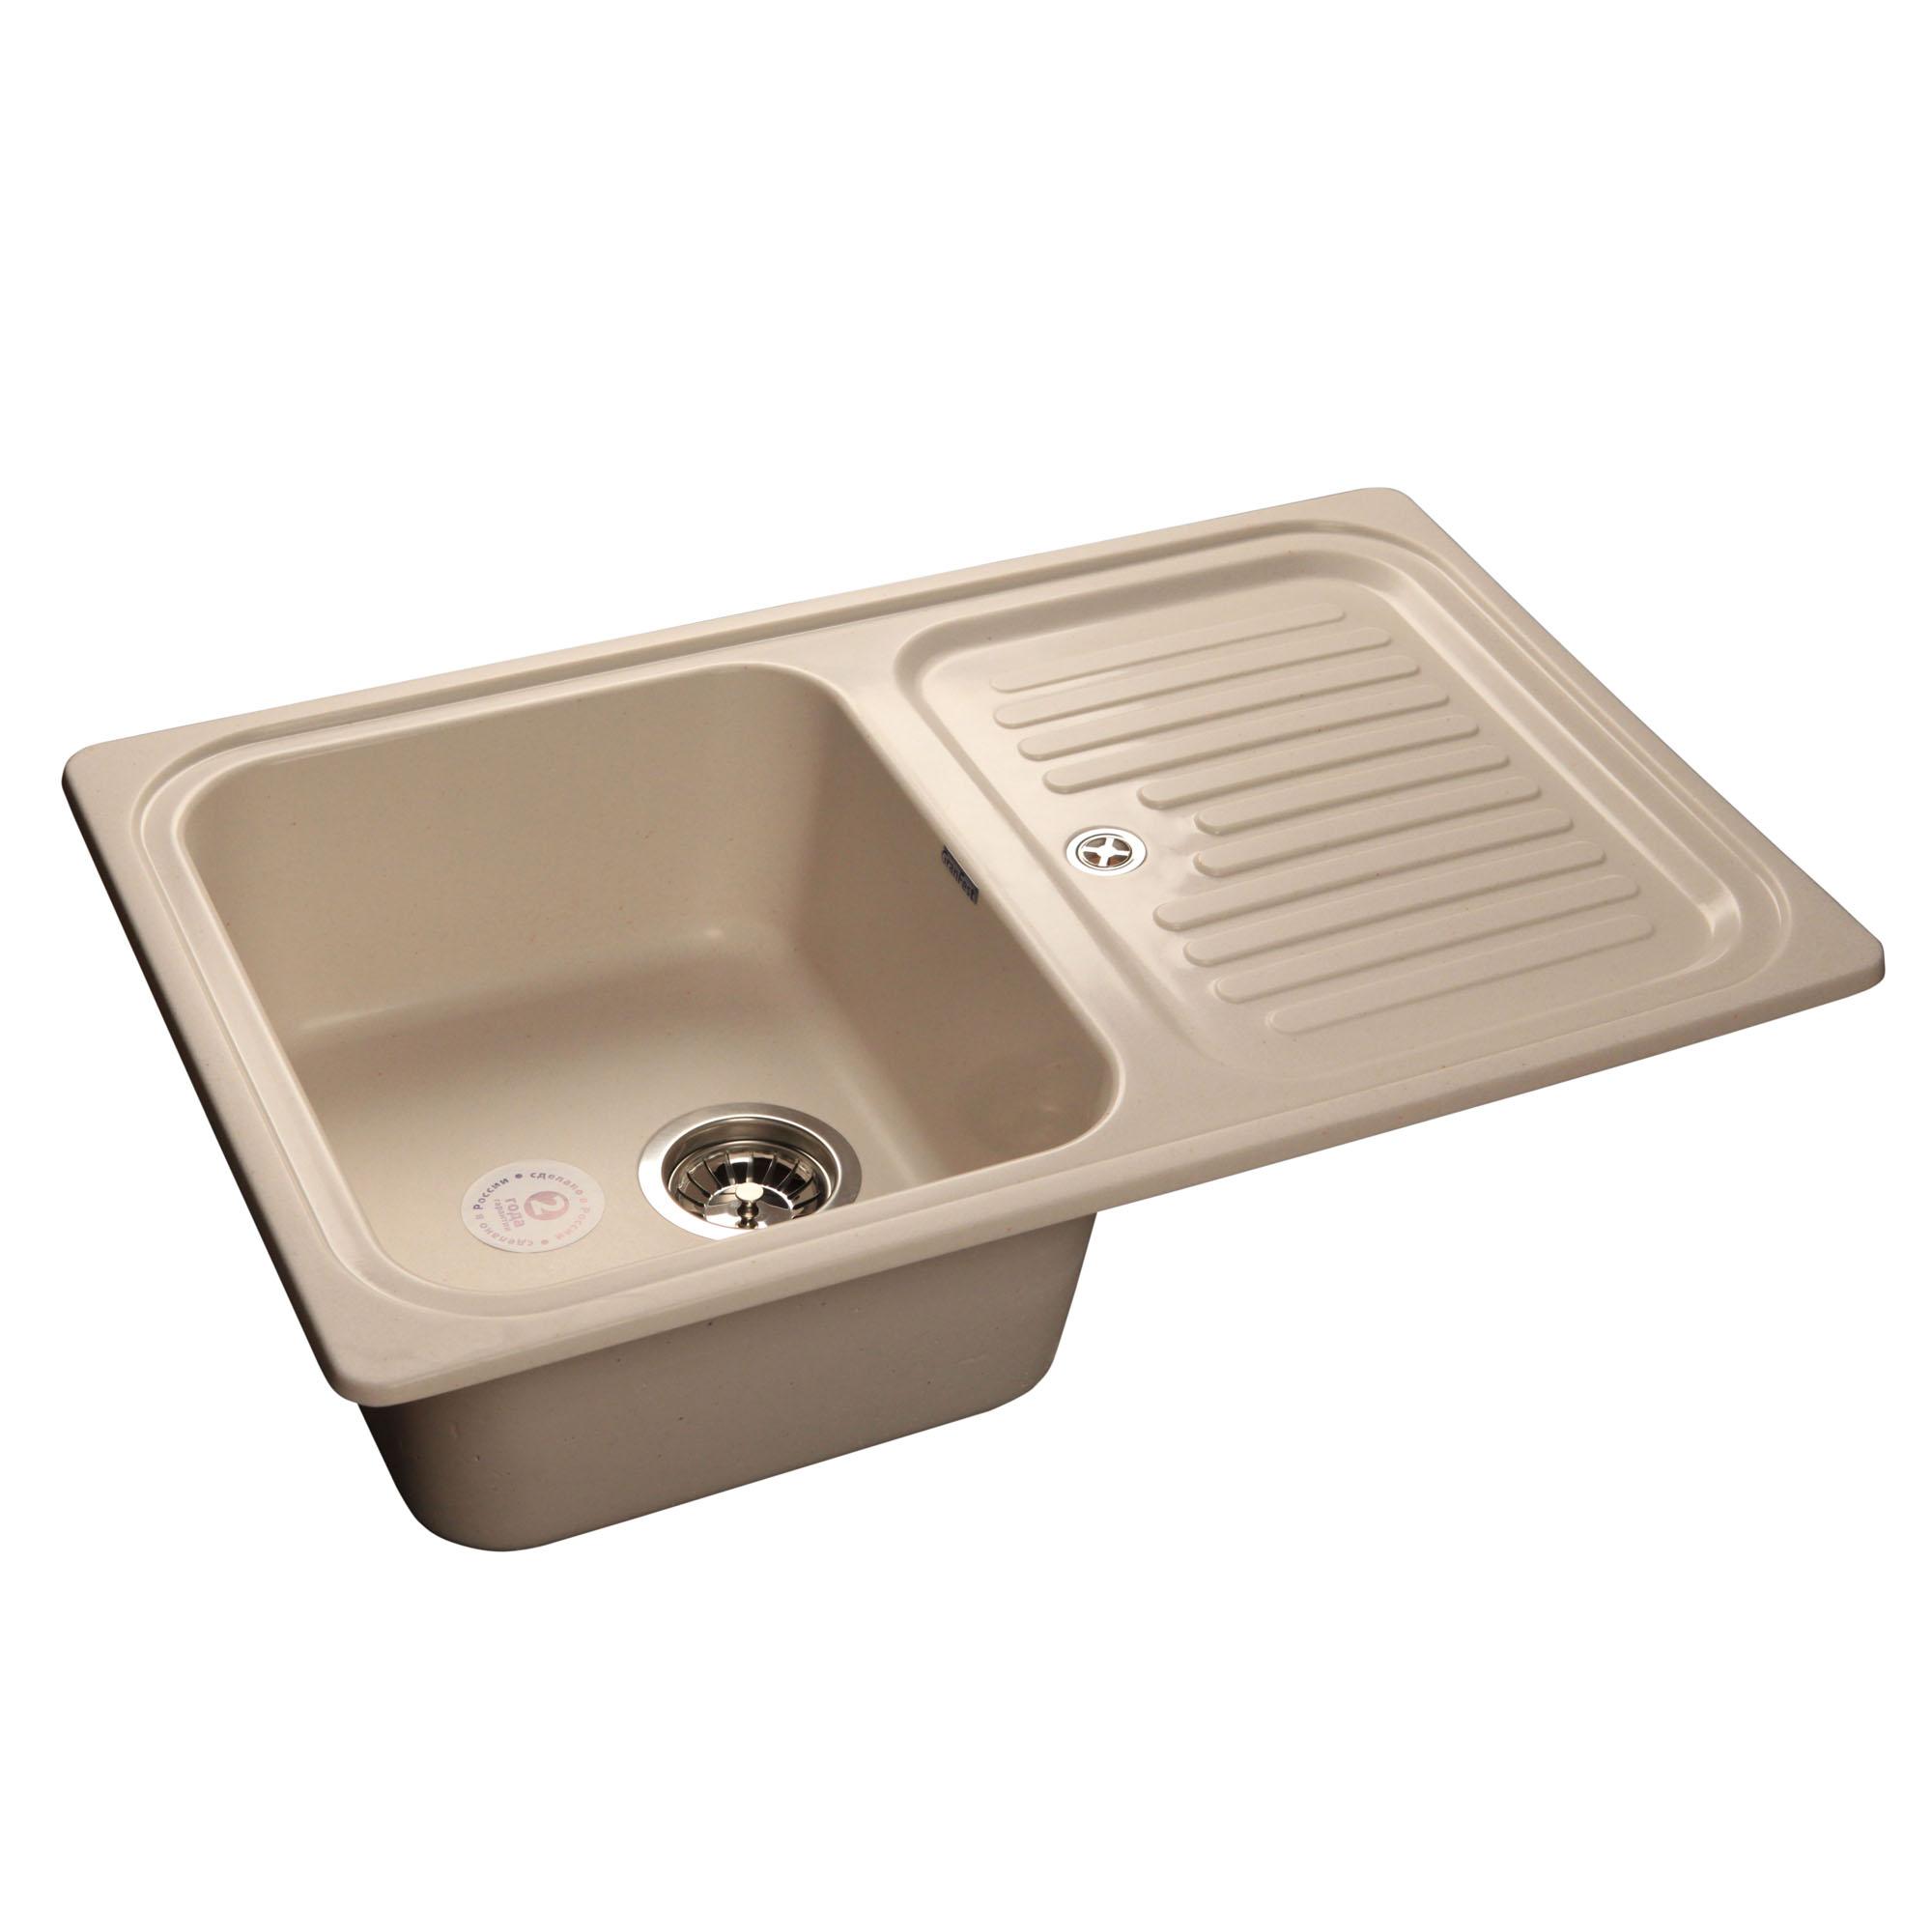 Кухонная мойка GranFest Standart GF-S780L белый granfest gf s780l песочный